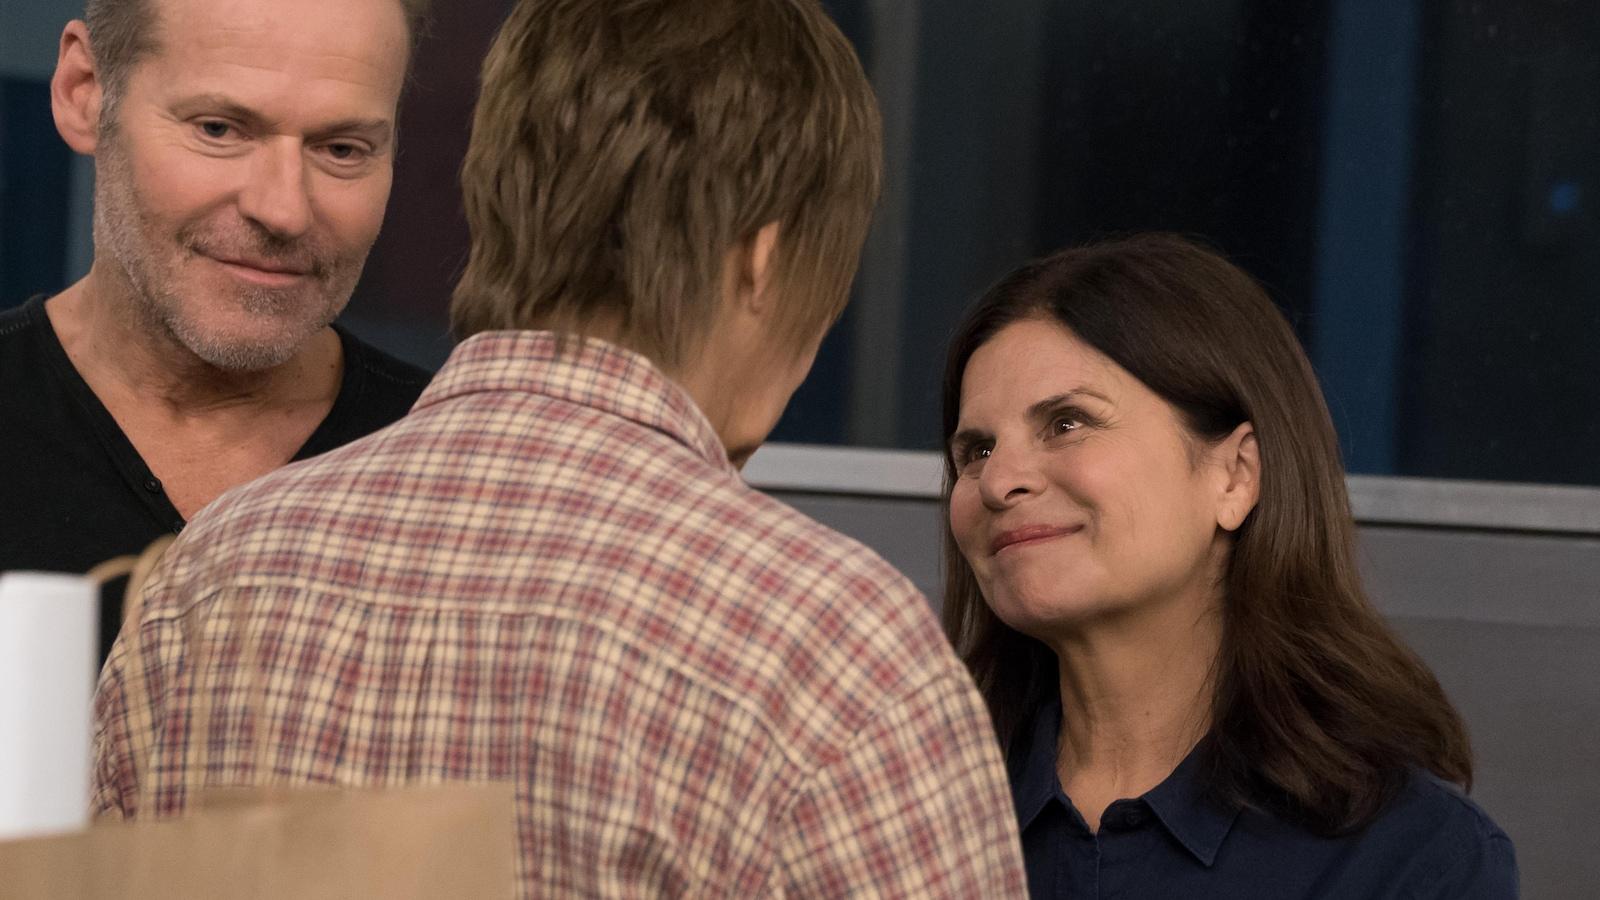 Deux personnes parlent avec une troisième personne, de dos.